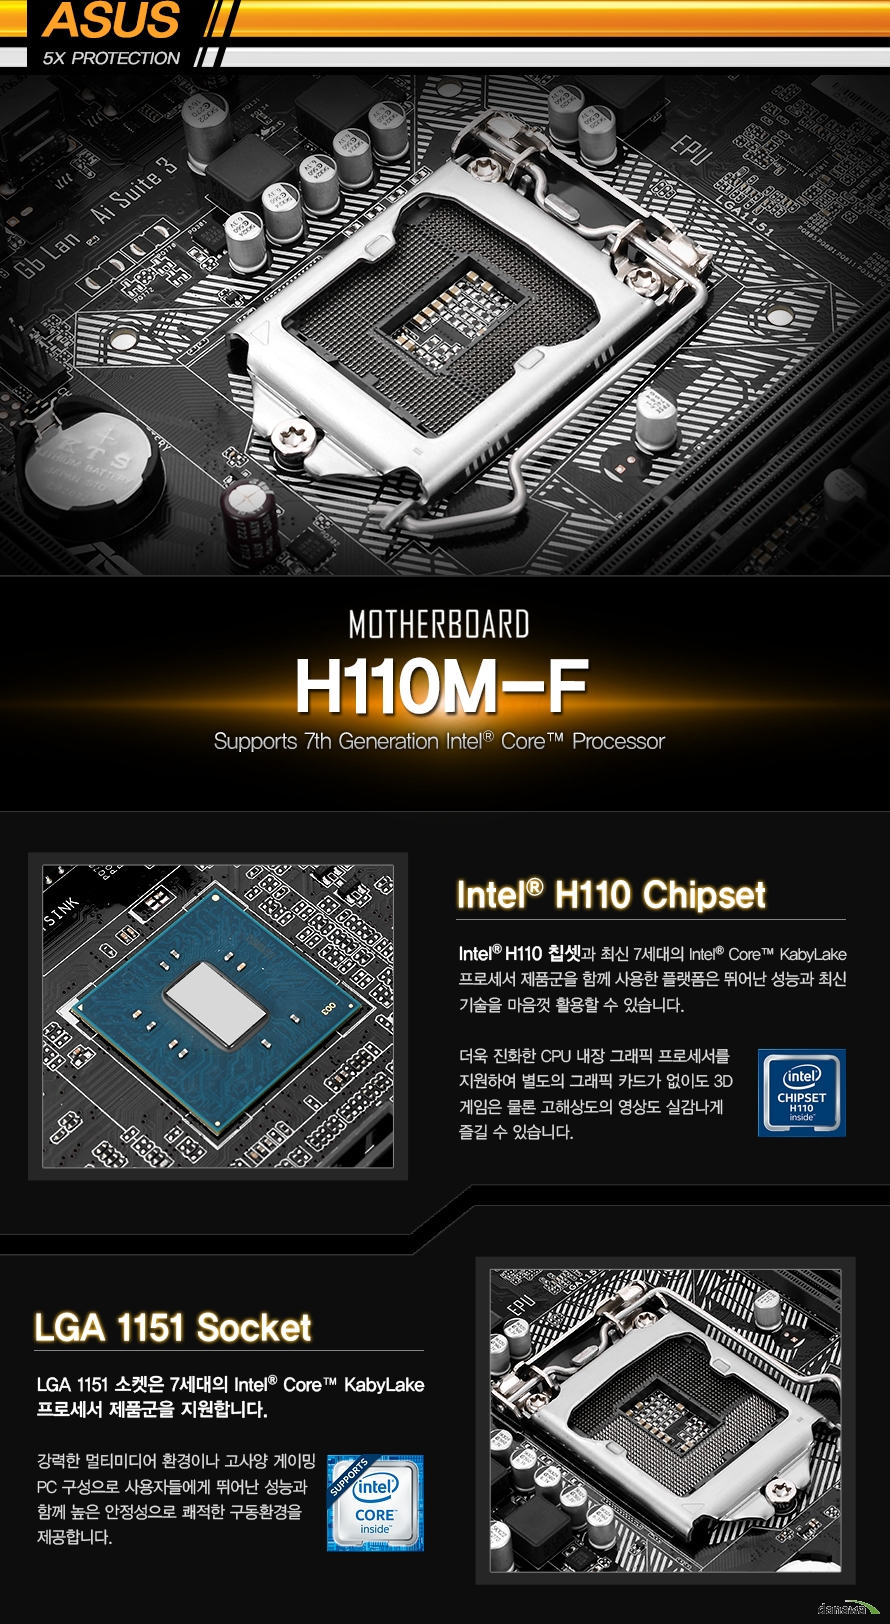 인텔 H110 칩셋과 최신 6세대의 인텔 코어 스카이레이크 프로세서 제품군을 함께 사용한 플랫폼은뛰어난 성능과 최신 기술을 마음껏 활용할 수 있습니다.더욱 진화한 CPU내장 그래픽 프로세서를 지원하여 별도의 그래픽 카드가 없이도 3D 게임은 물론고해상도의 영상도 실감나게 즐길 수 있습니다.LGA 1151소켓은 7세대 인텔 코어 카비레이크 프로세서 제품군을 지원합니다강력한 멀티미디어 환경이나 고사양 게이밍 PC 구성으로 사용자들에게 뛰어난 성능과 함께높은 안정성으로 쾌적한 구동환경을 제공합니다.